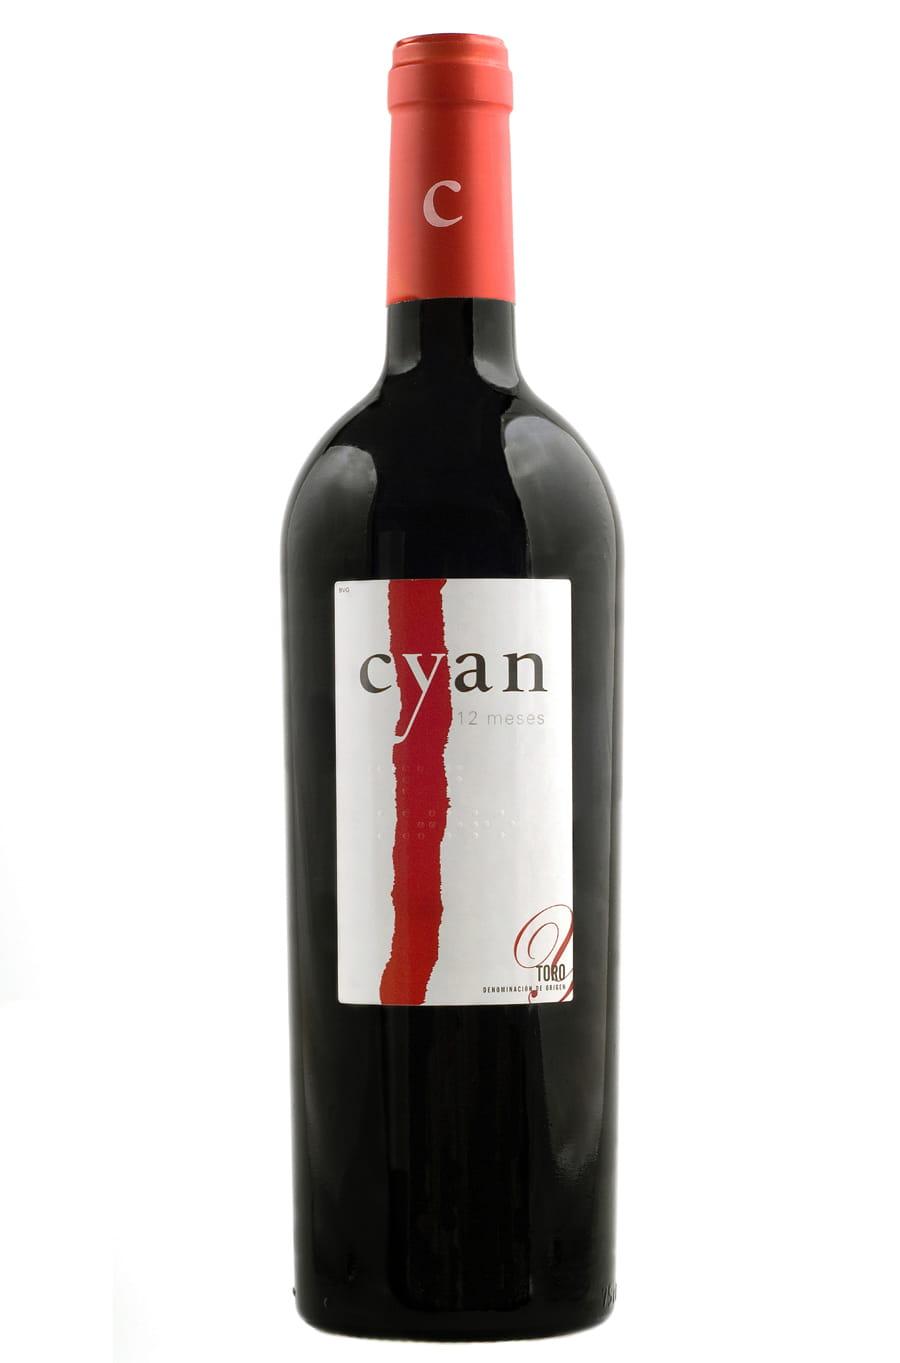 Cyan 12 meses 2004, BACCHUS DE ORO en el X Concurso Internacional de Vinos bacchus 2012